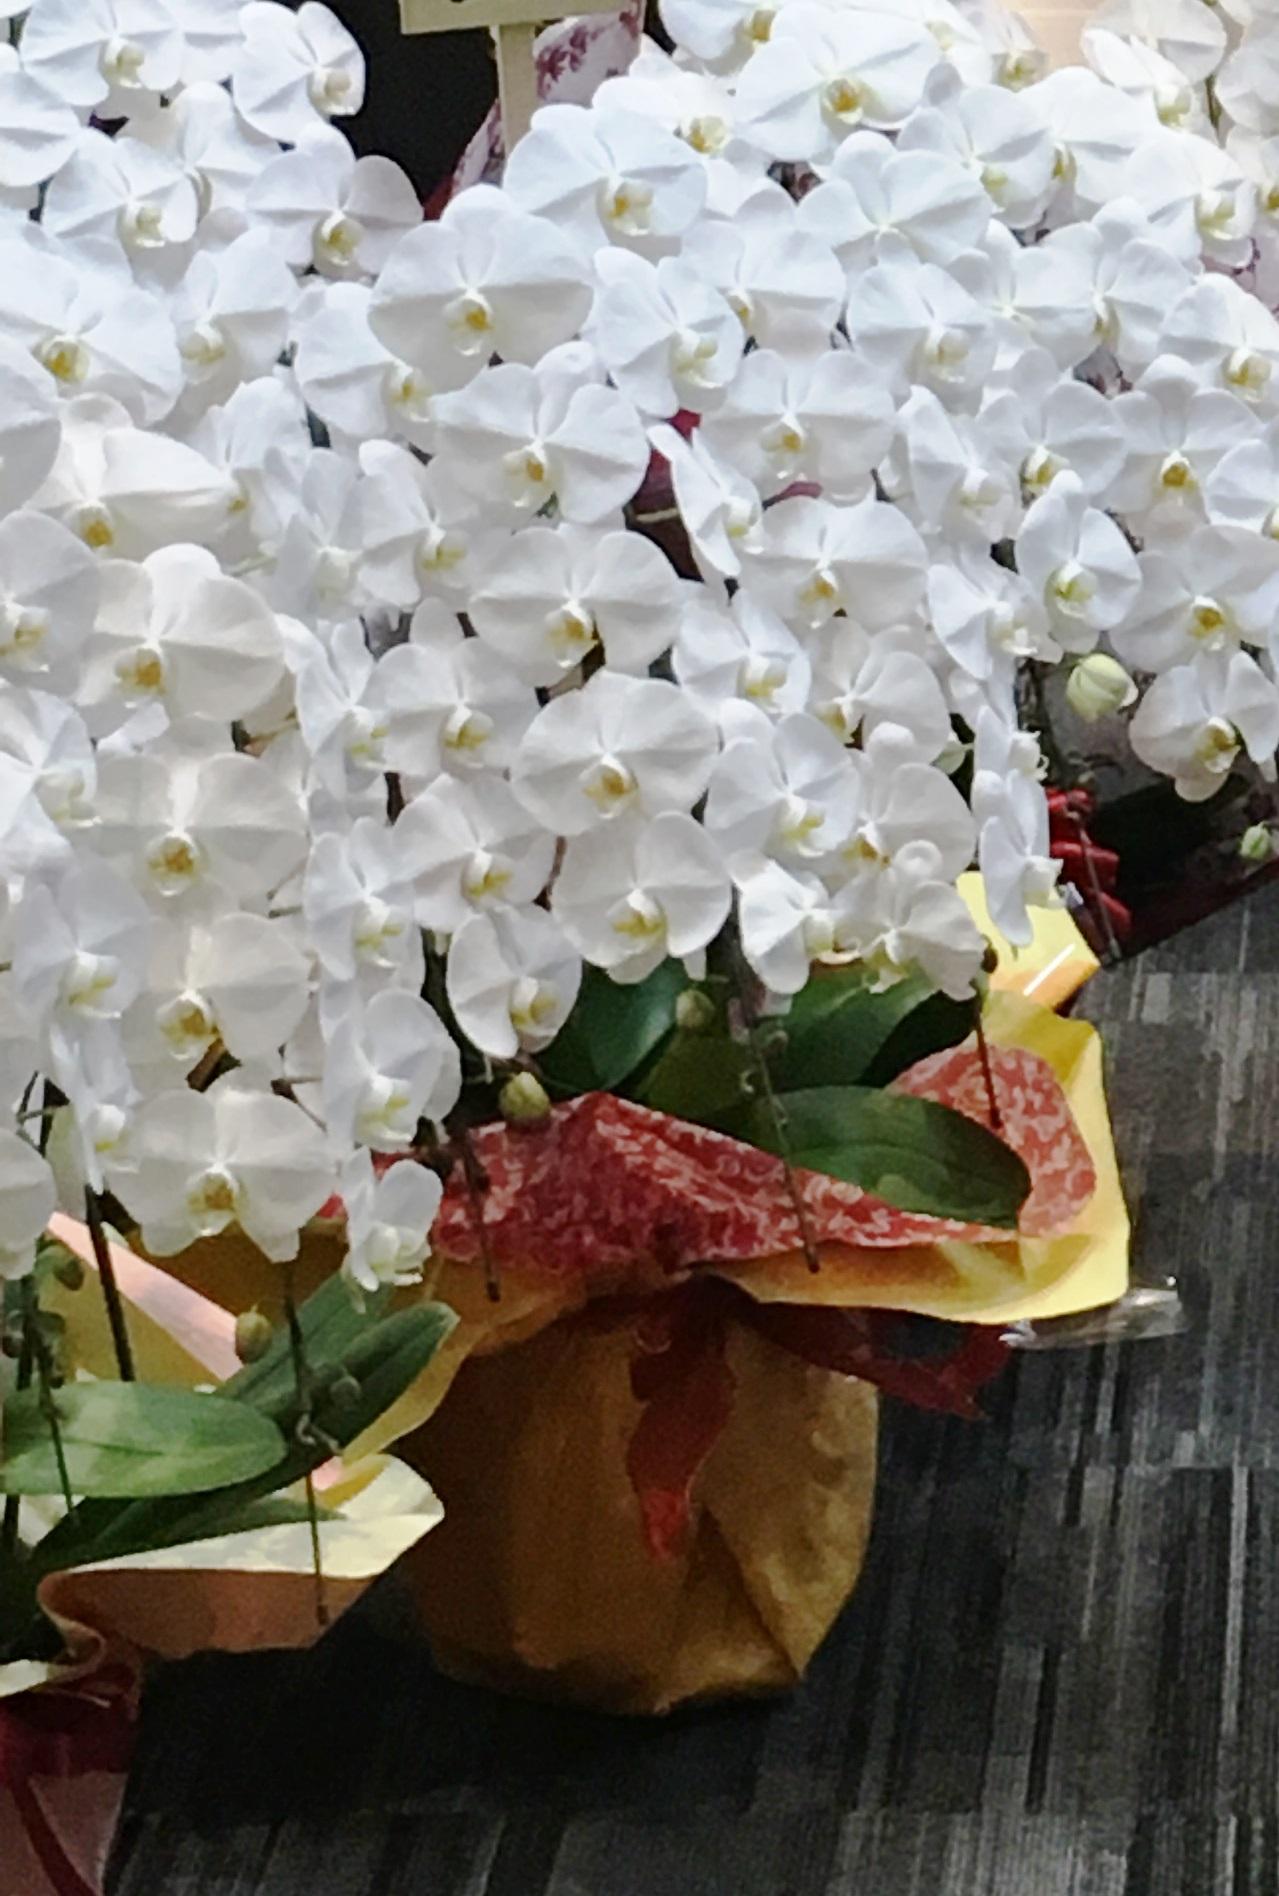 【ナオ花屋の納品事例239】横浜市西区みなとみらいの法人企業様へ胡蝶蘭を即日当日配達しました!